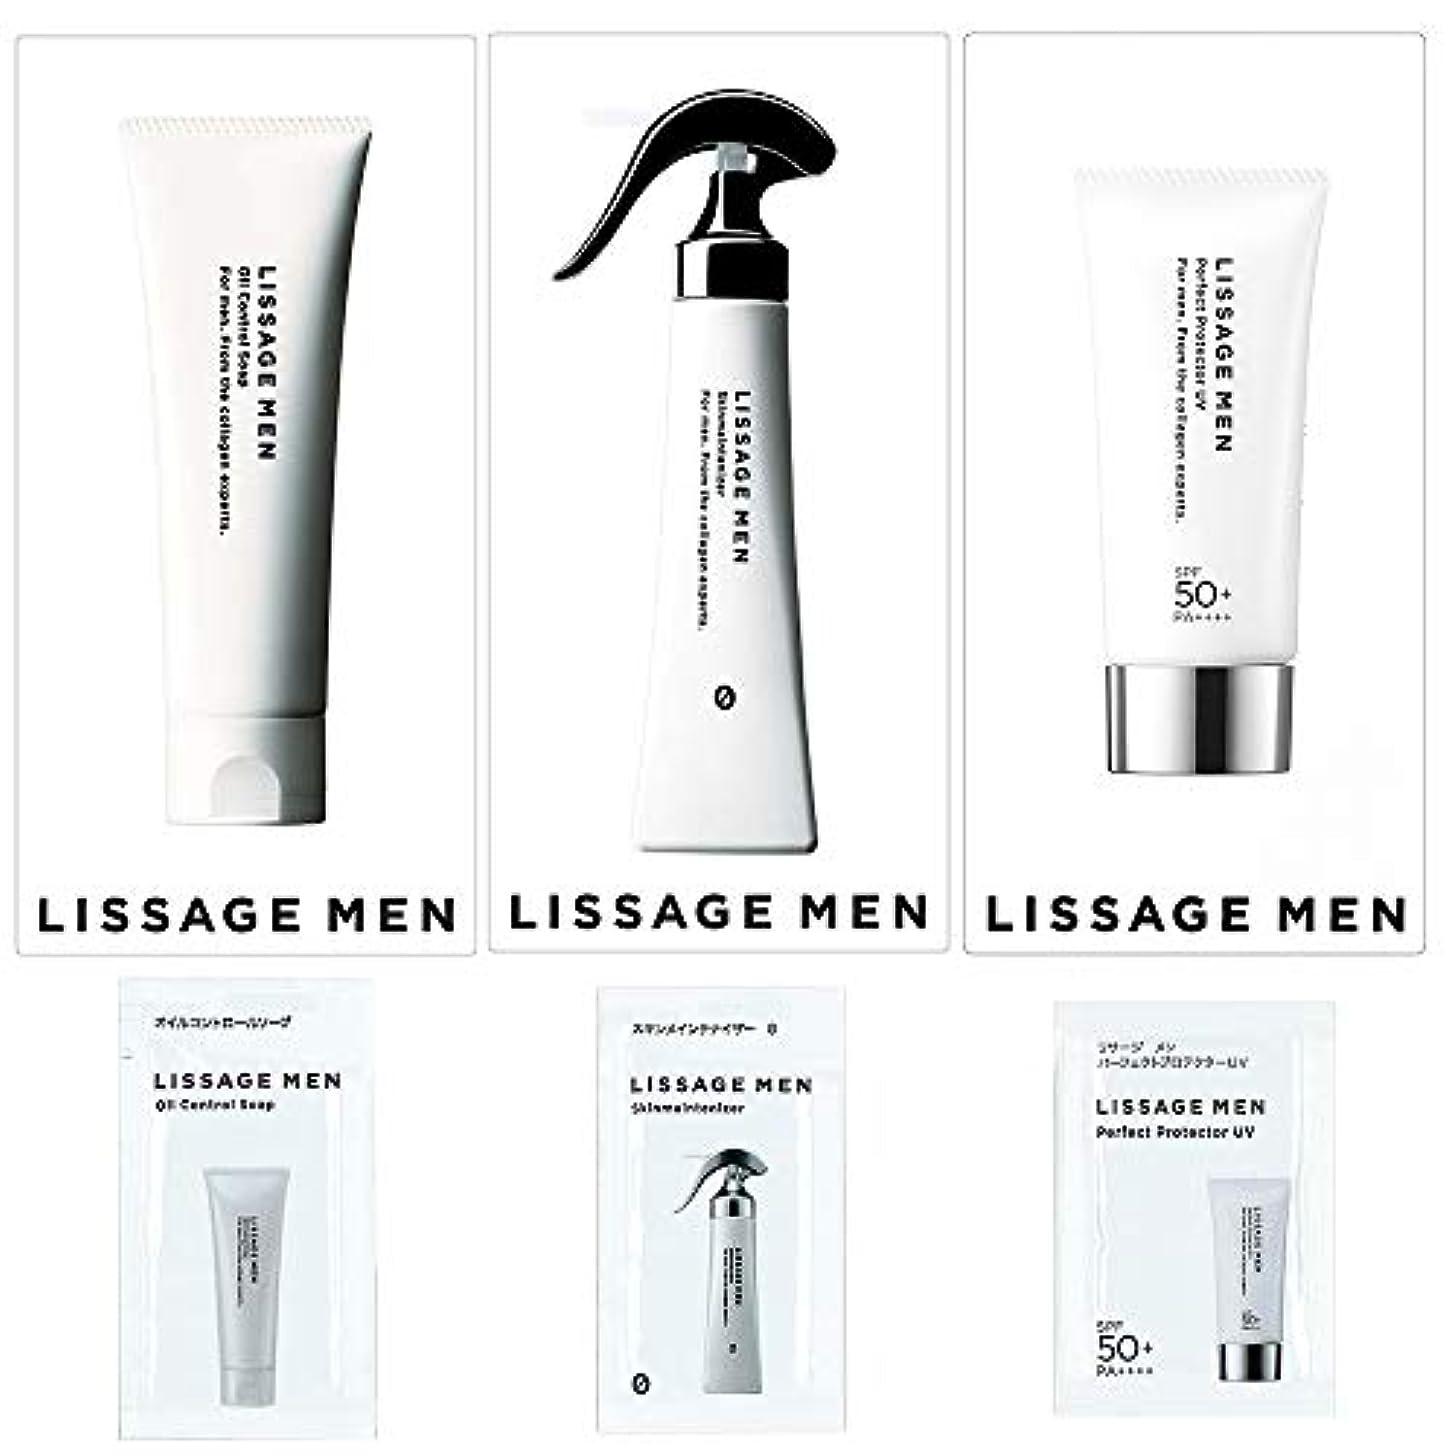 ベルサイドボード掻くリサージメン メンズ フェイスケア 3点セット 洗顔&化粧水&UV(サンプルセット) 【実質無料サンプルストア対象】